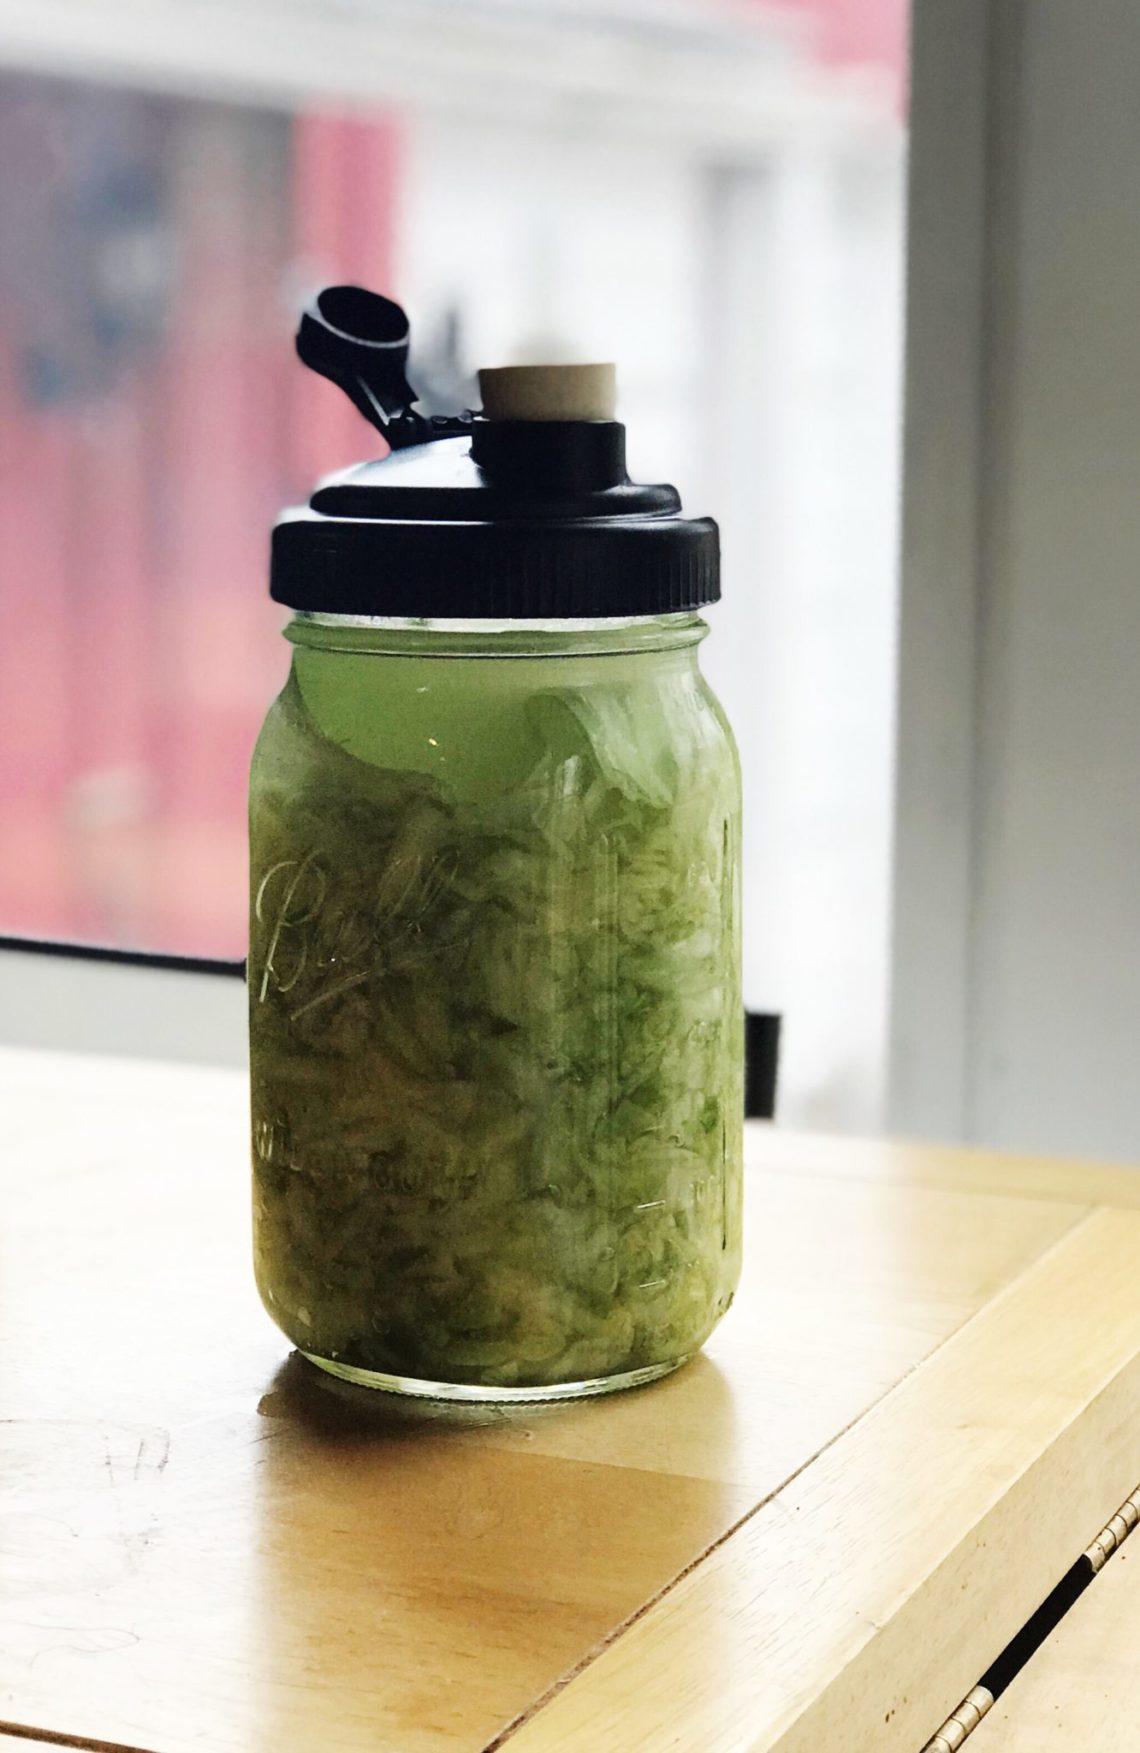 Sauerkraut in jar